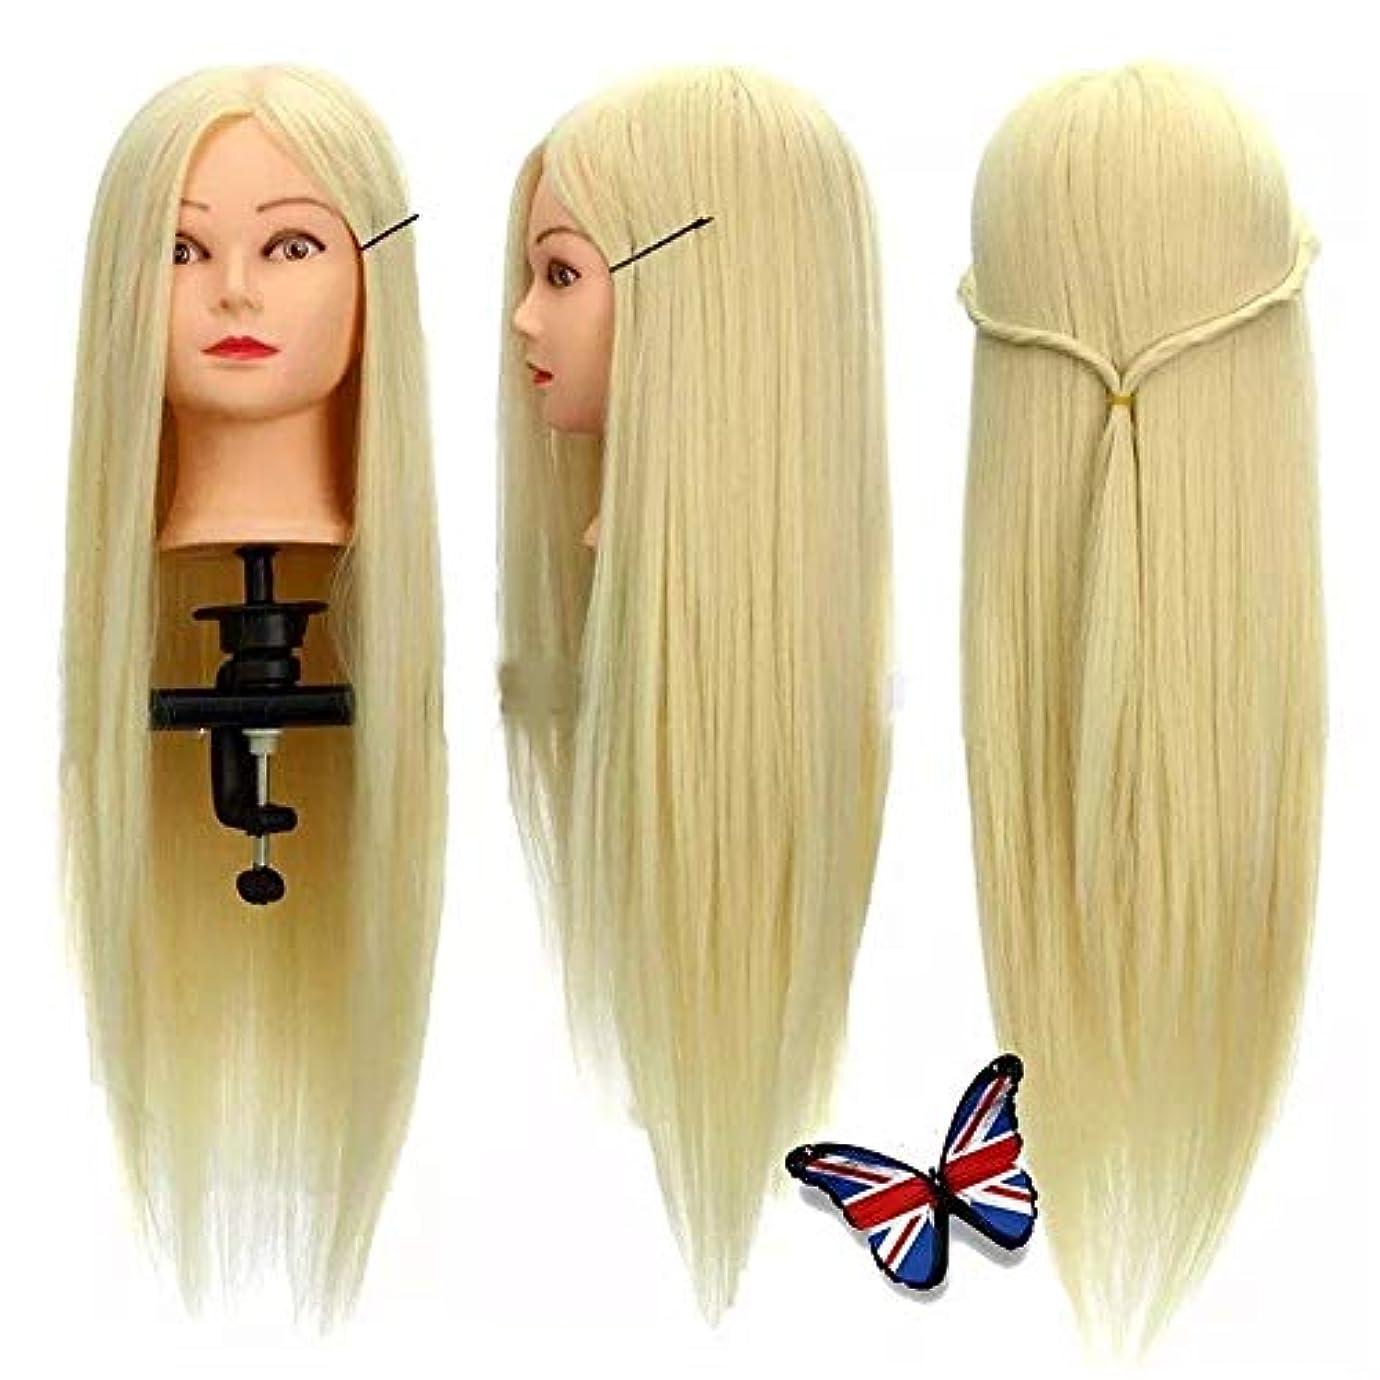 置くためにパックドック息苦しいウイッグ マネキンヘッド 30%の本物の人間の髪の毛のトレーニング頭部サロン理髪カットマネキンでクランプでクランプホルダ 練習用 (色 : Blonde, サイズ : As picture shows)